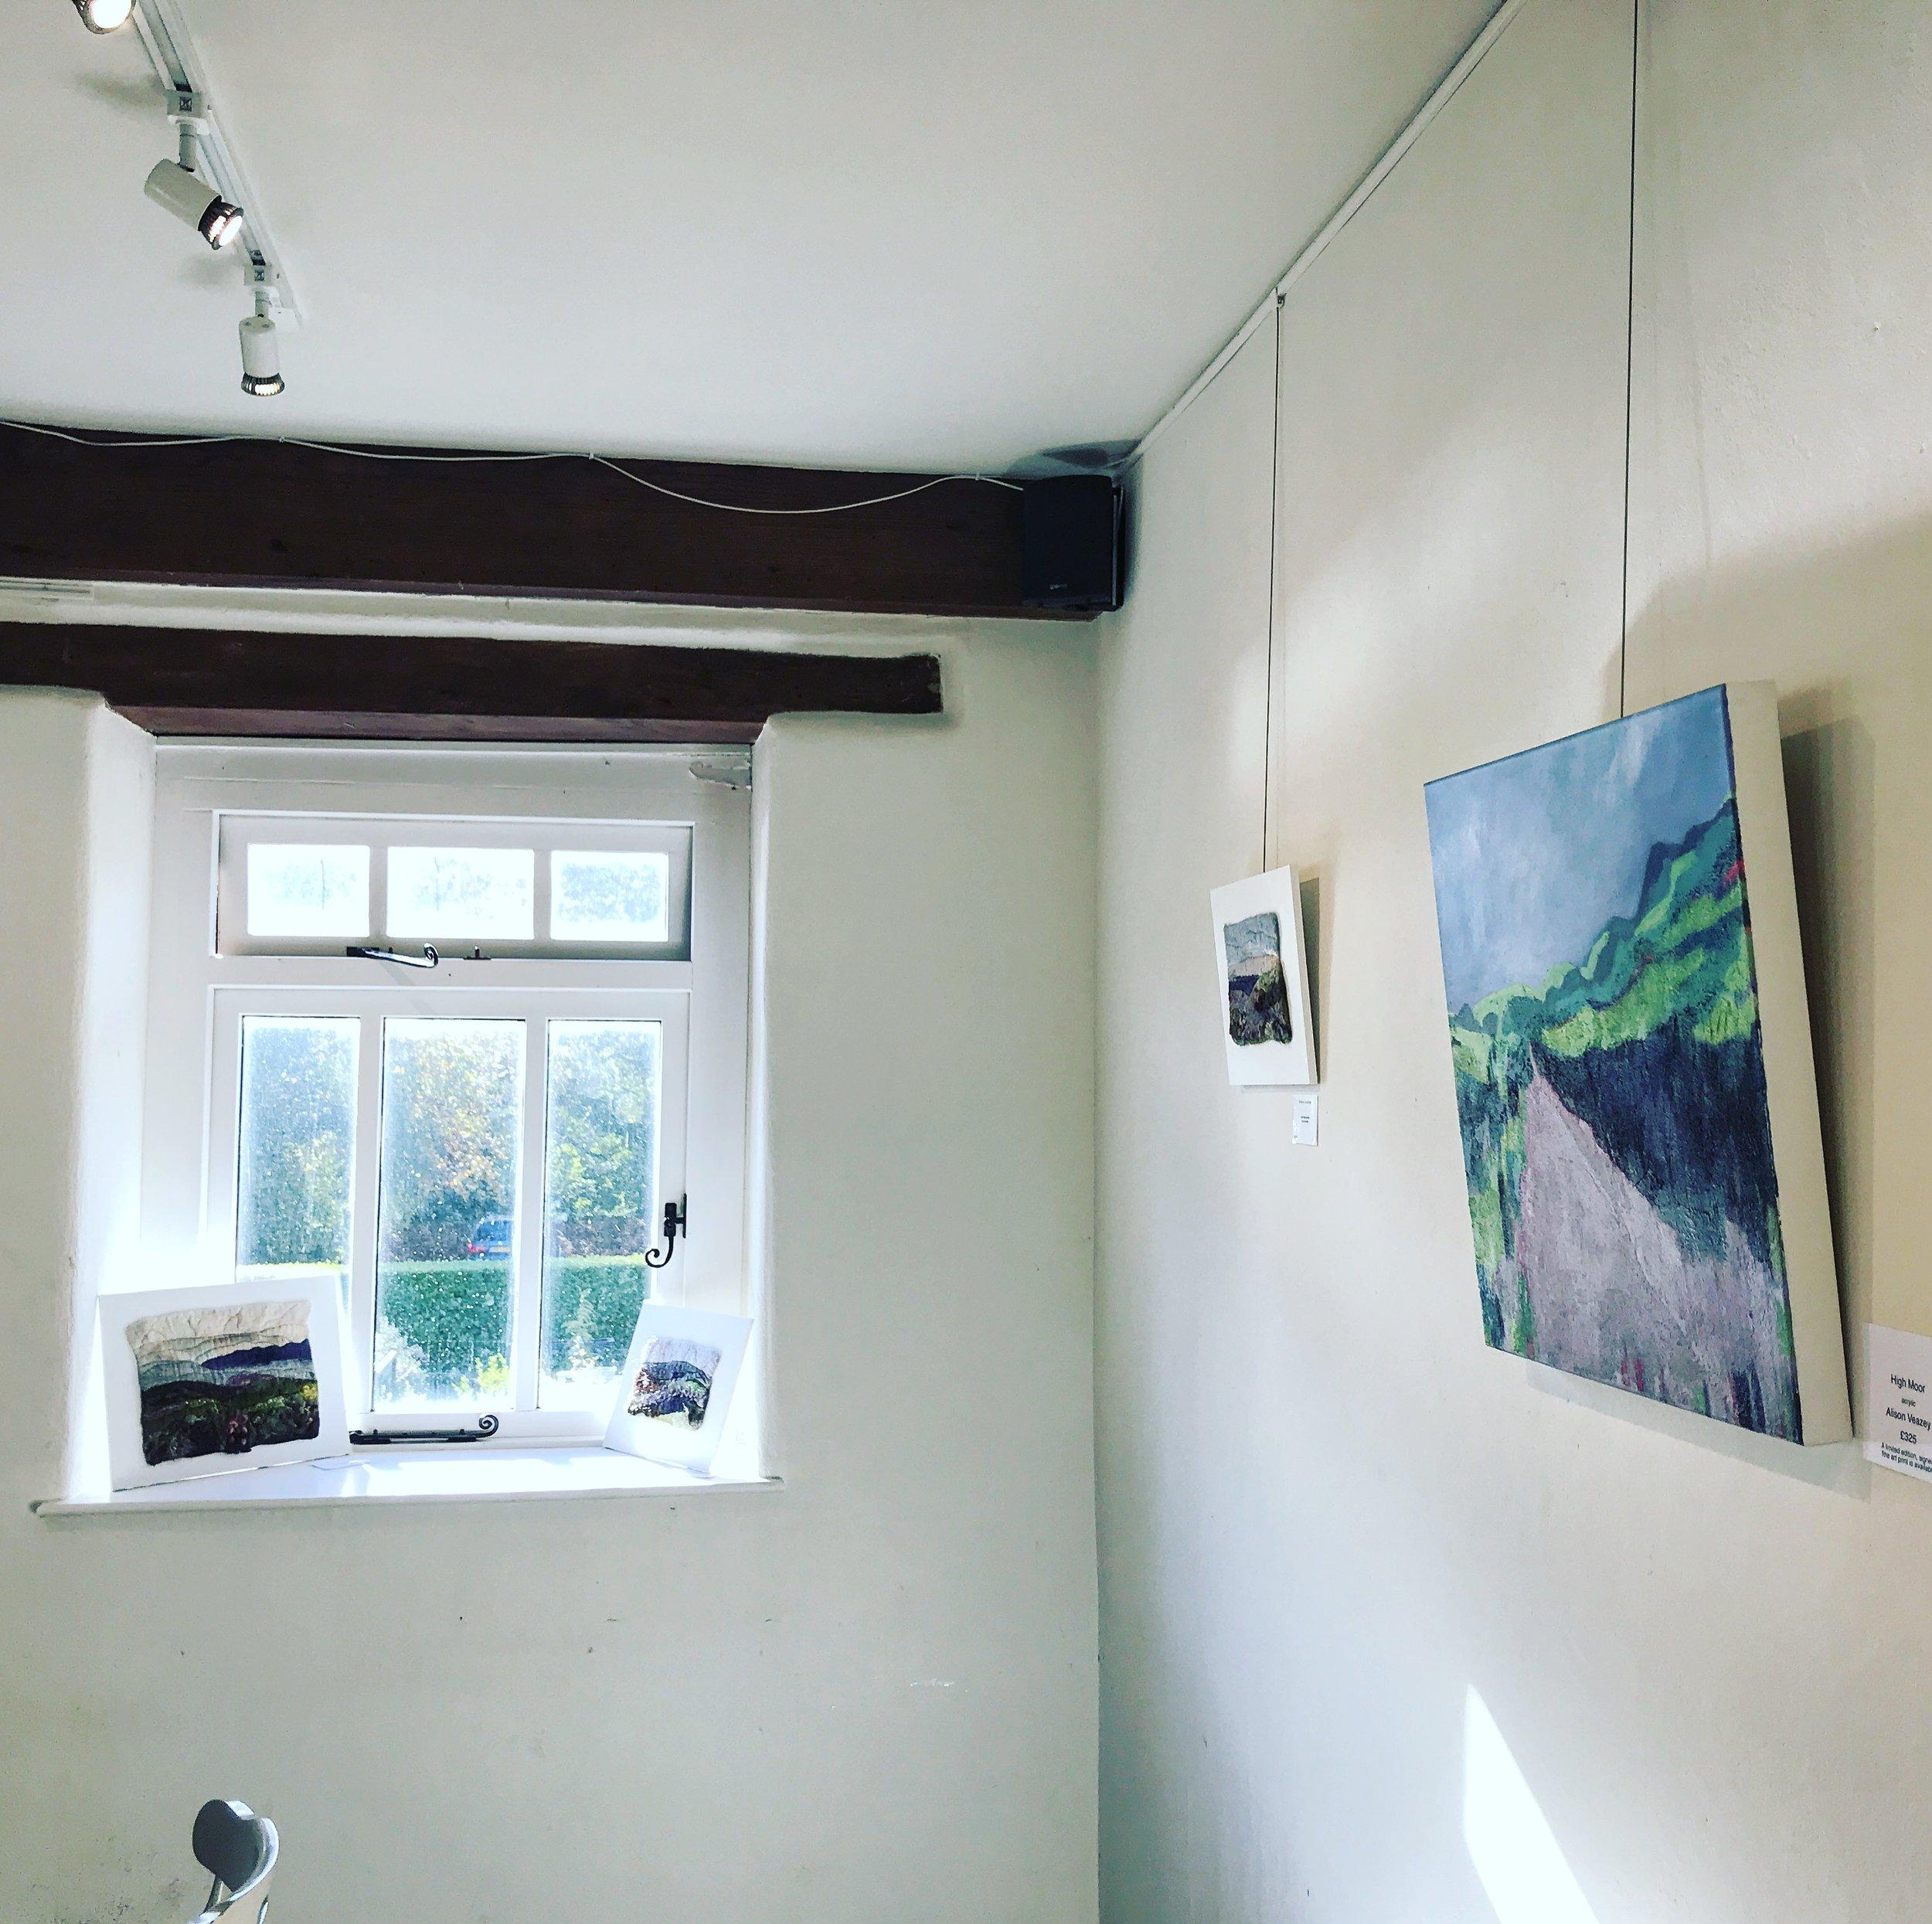 - The Gallery at Avon MillAutumn 2018 - summer 2019